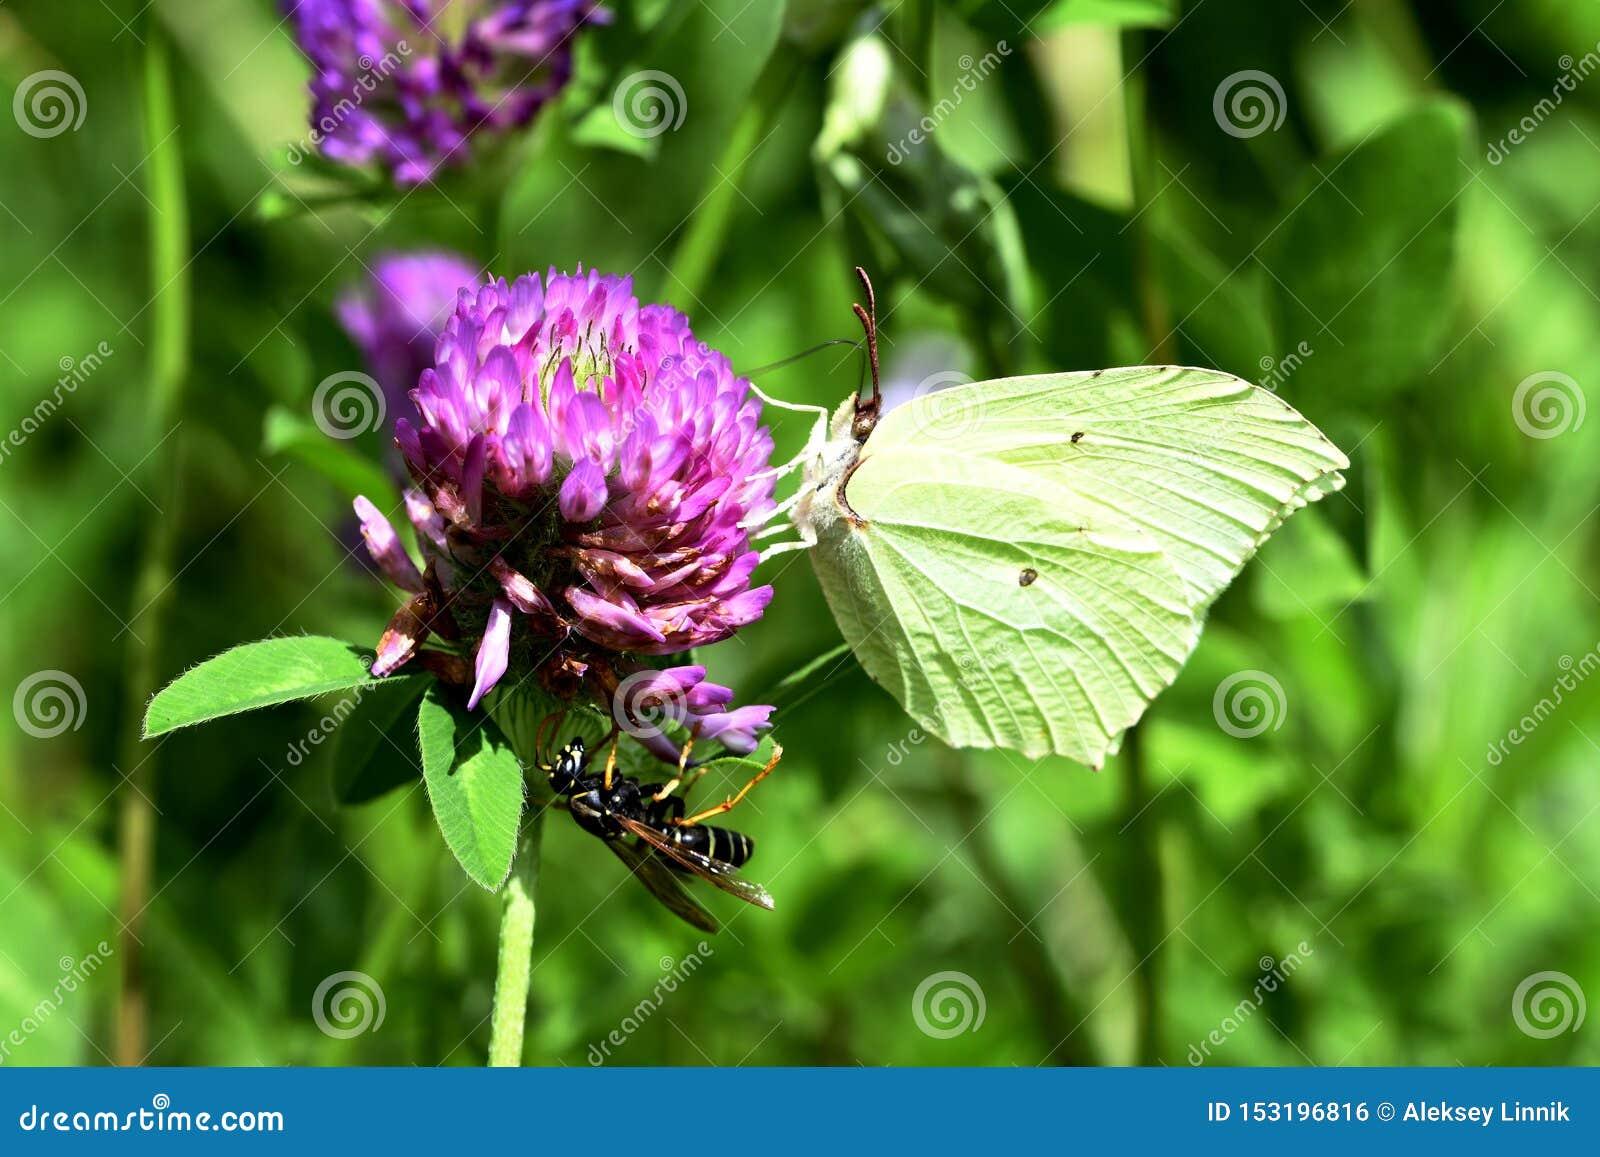 Fjäril och geting på växt av släktet Trifolium